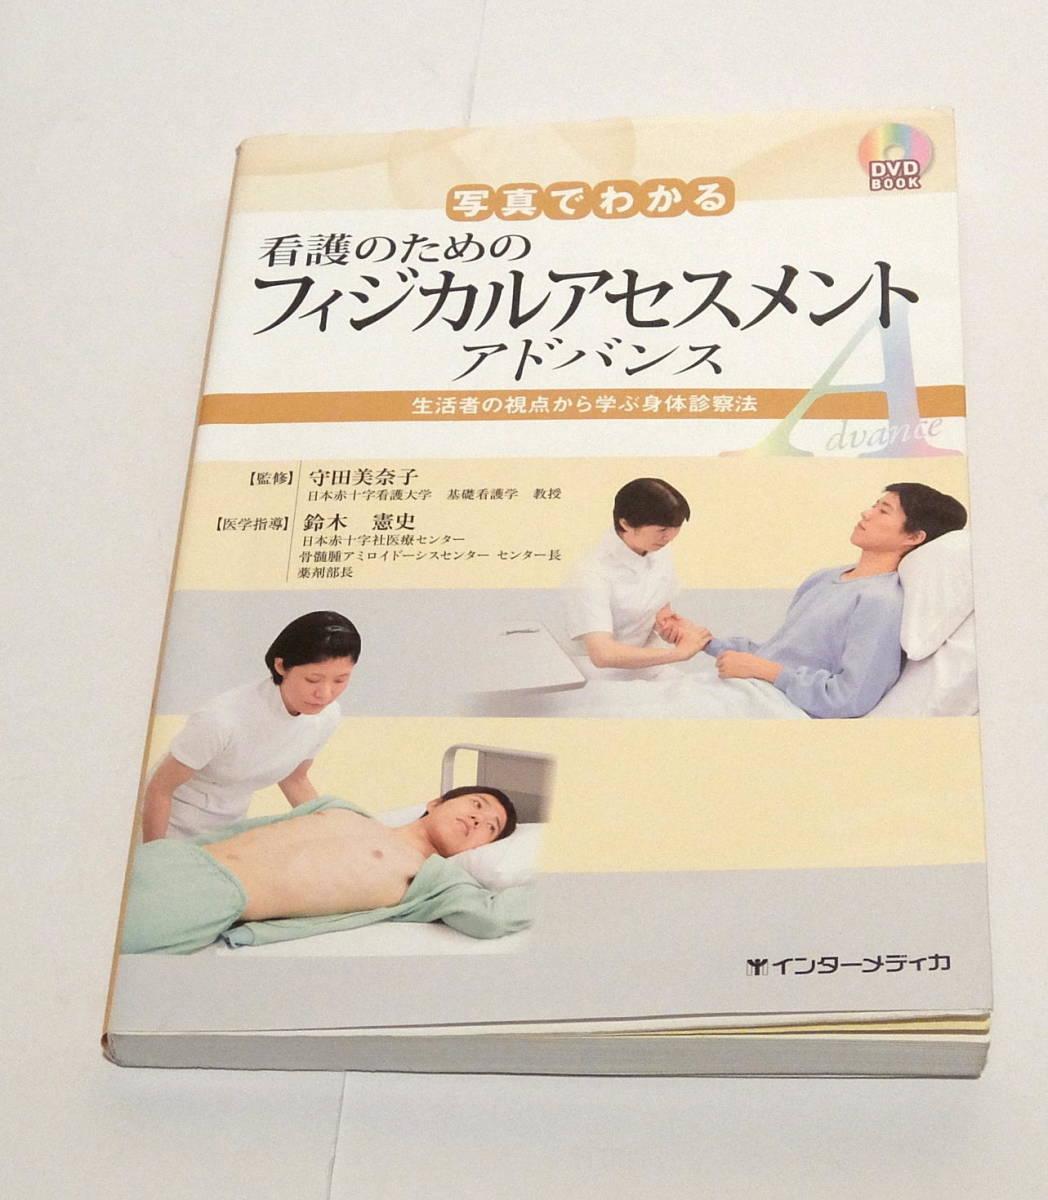 「看護のためのフィジカルアセスメント アドバンス」 インターメディカ DVD付属 中古 送料込み